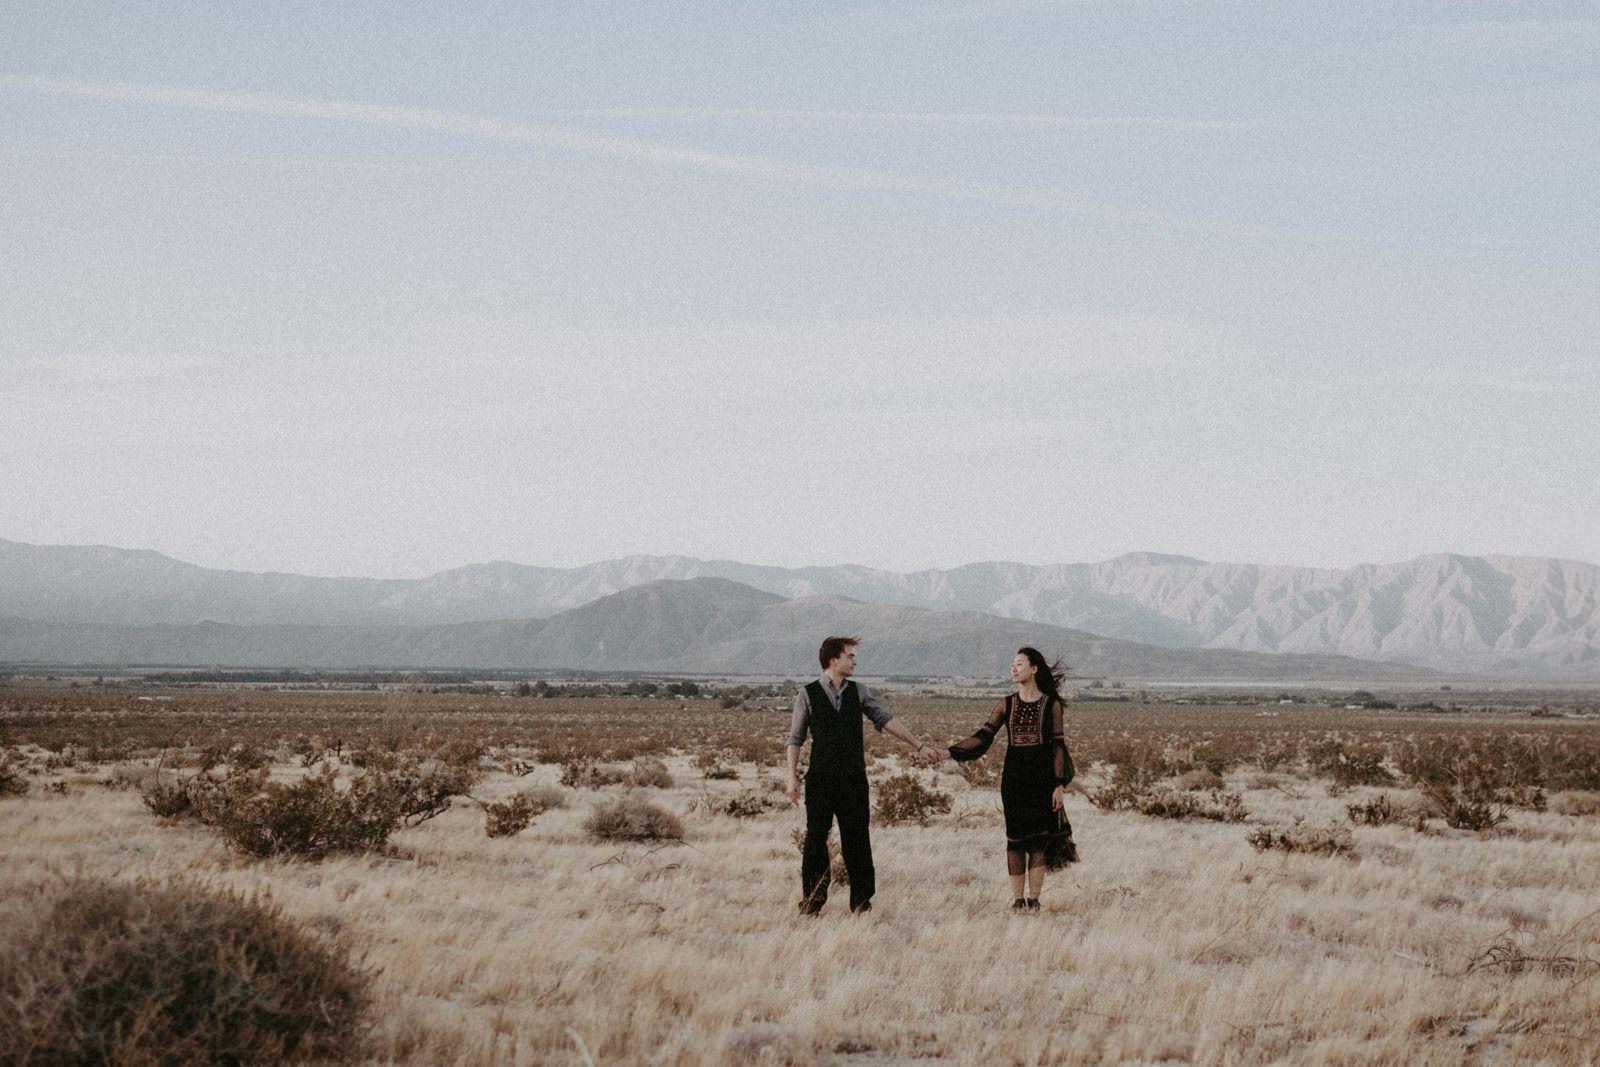 couples session in anza borrego california